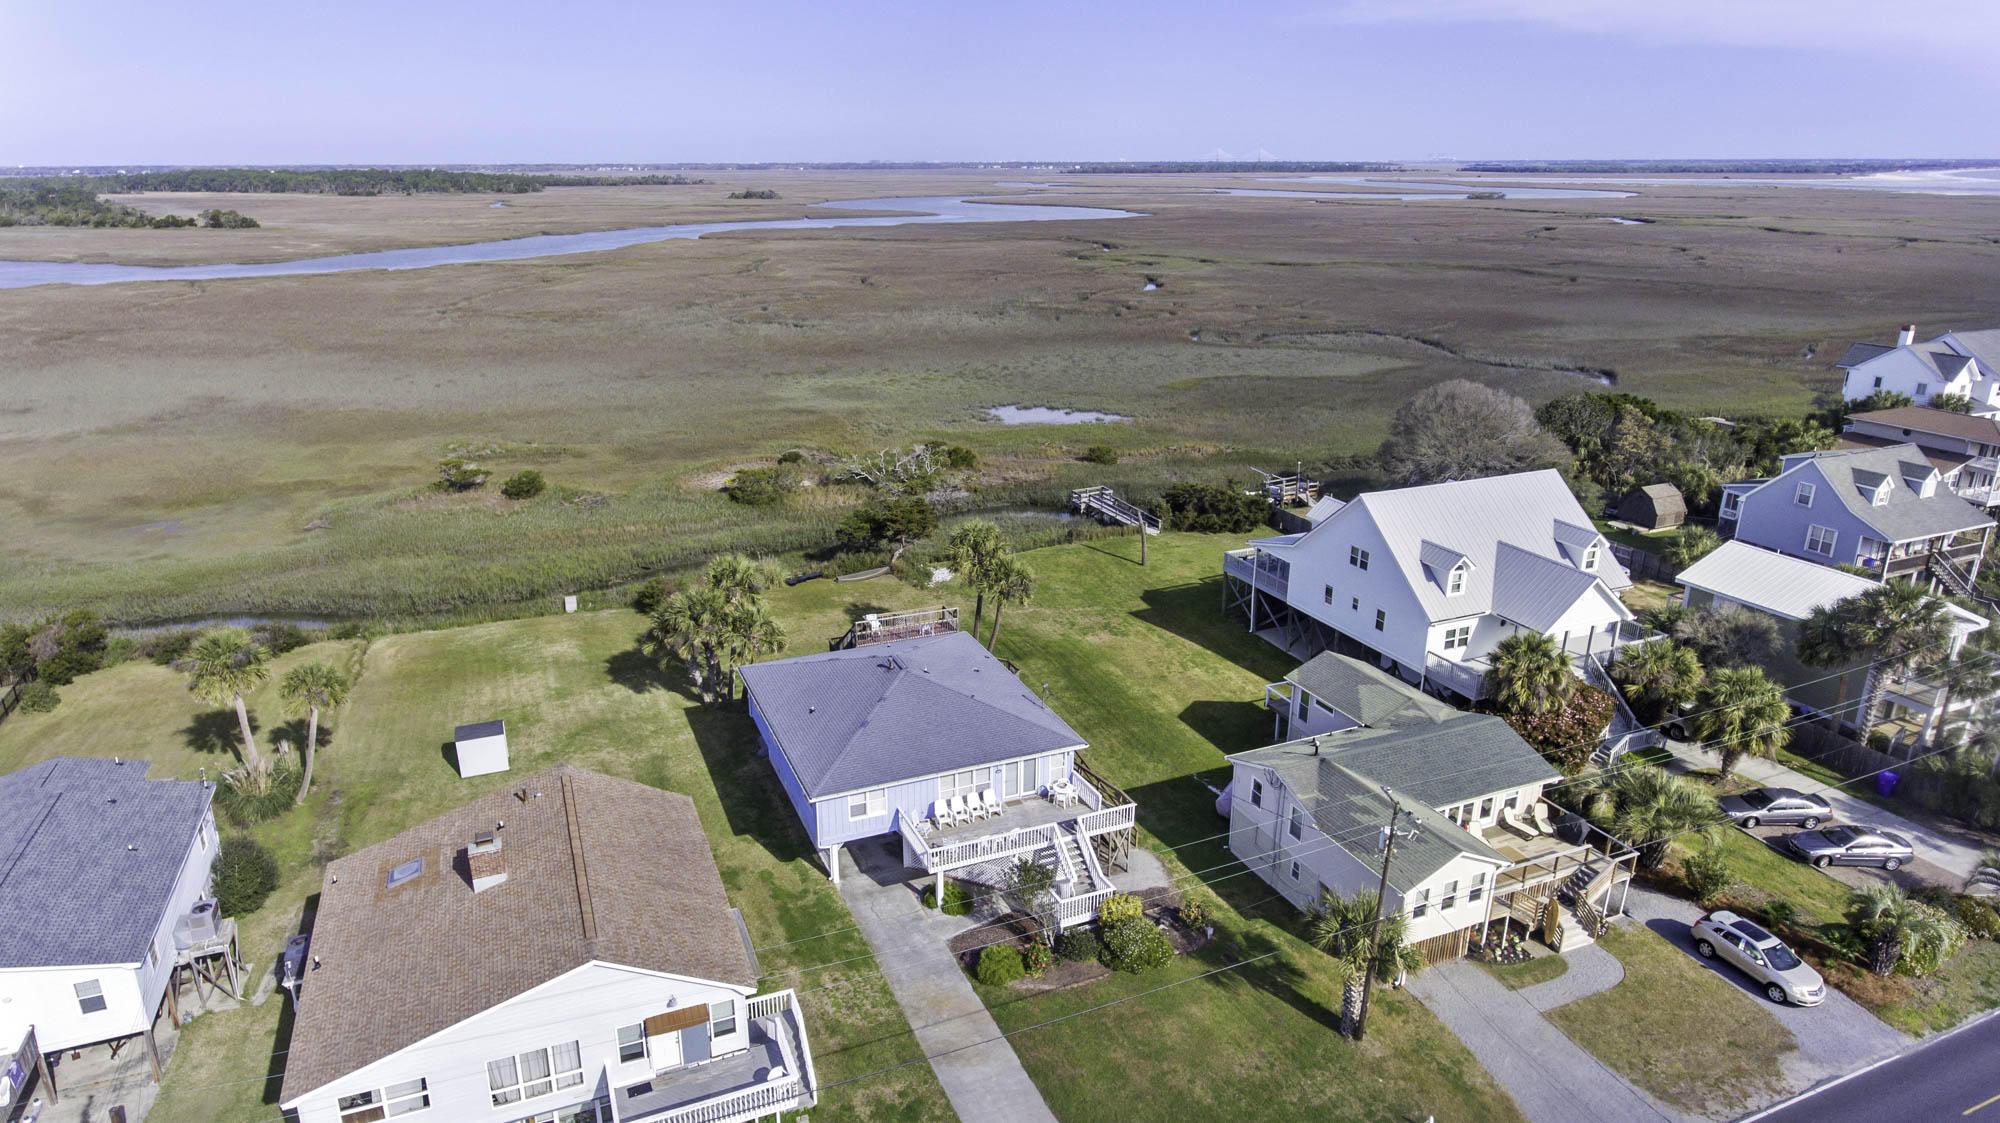 E Folly Bch Shores Homes For Sale - 1662 Ashley, Folly Beach, SC - 28